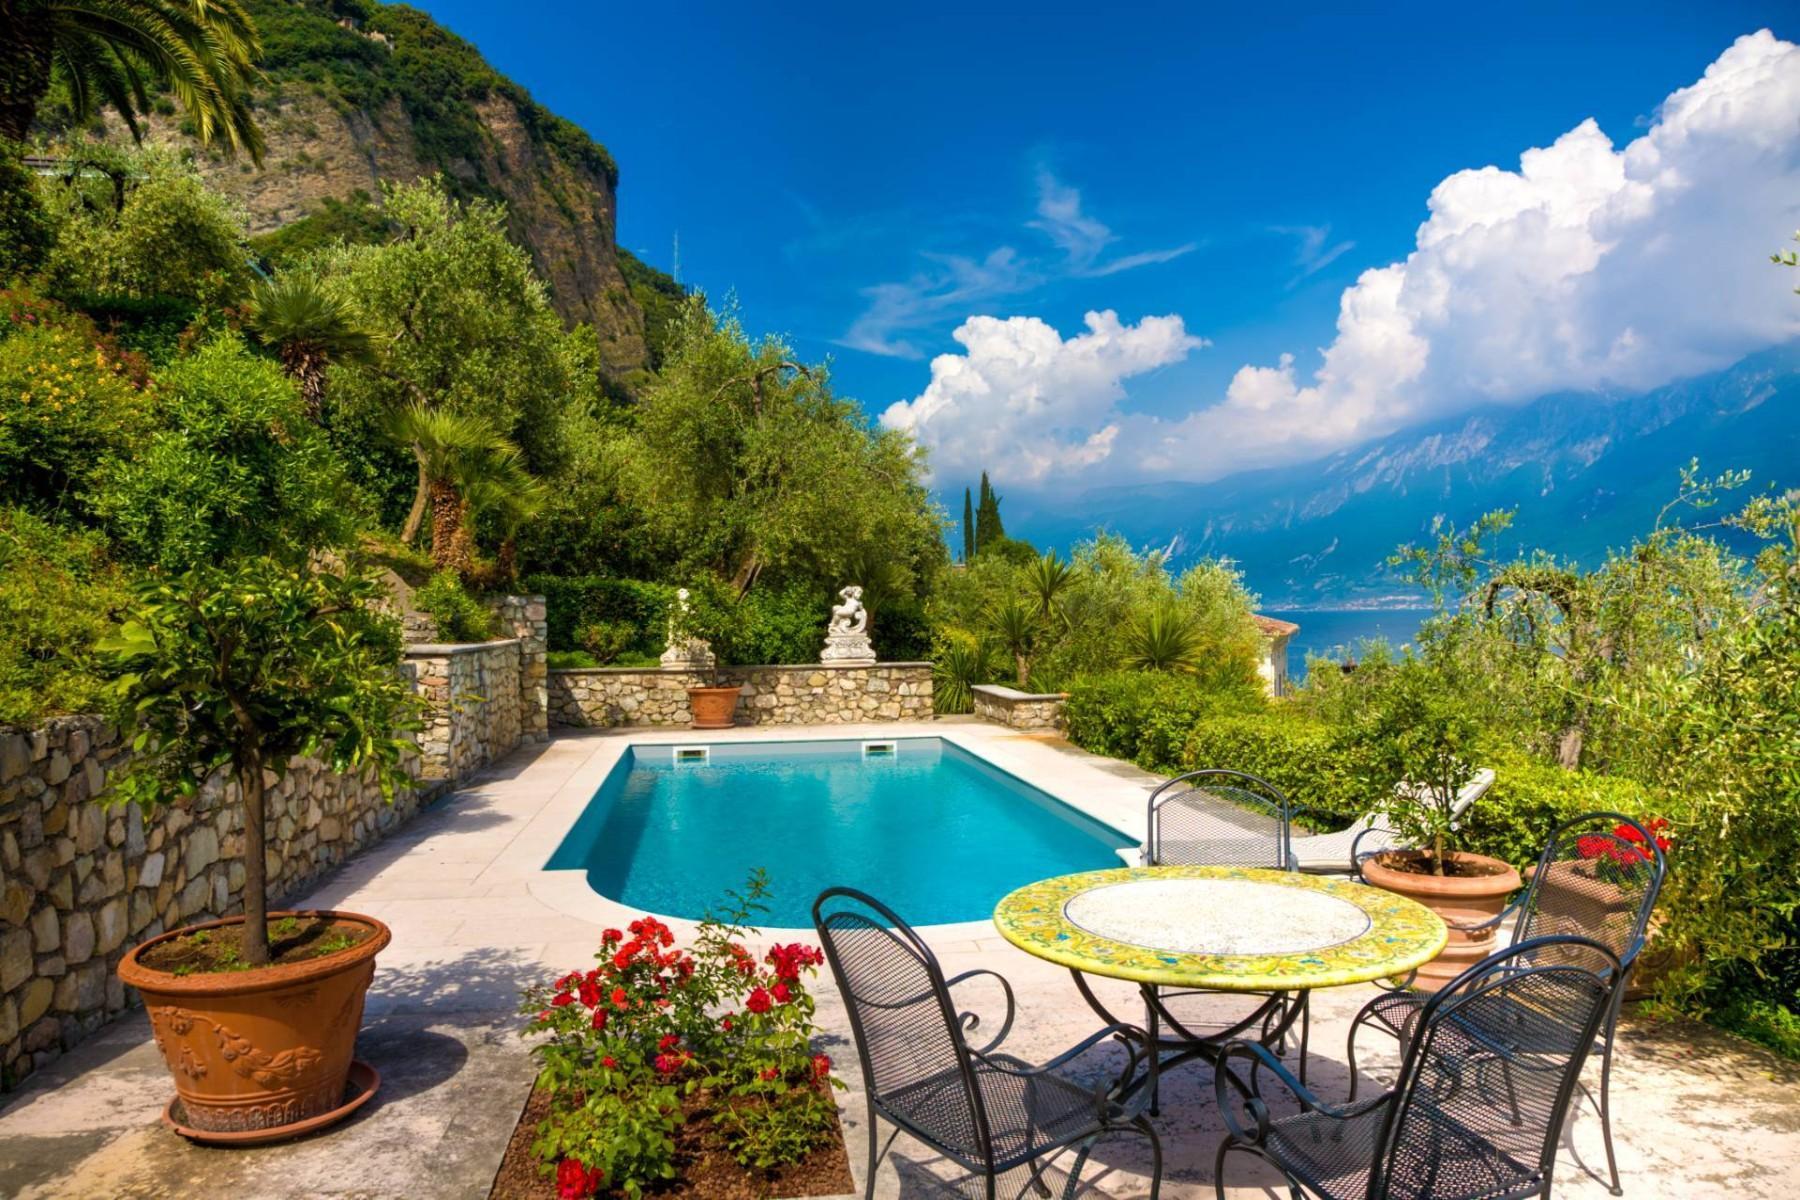 Atemberaubende moderne Villa mit exklusivem Pool und herrlichem Seeblick - 8